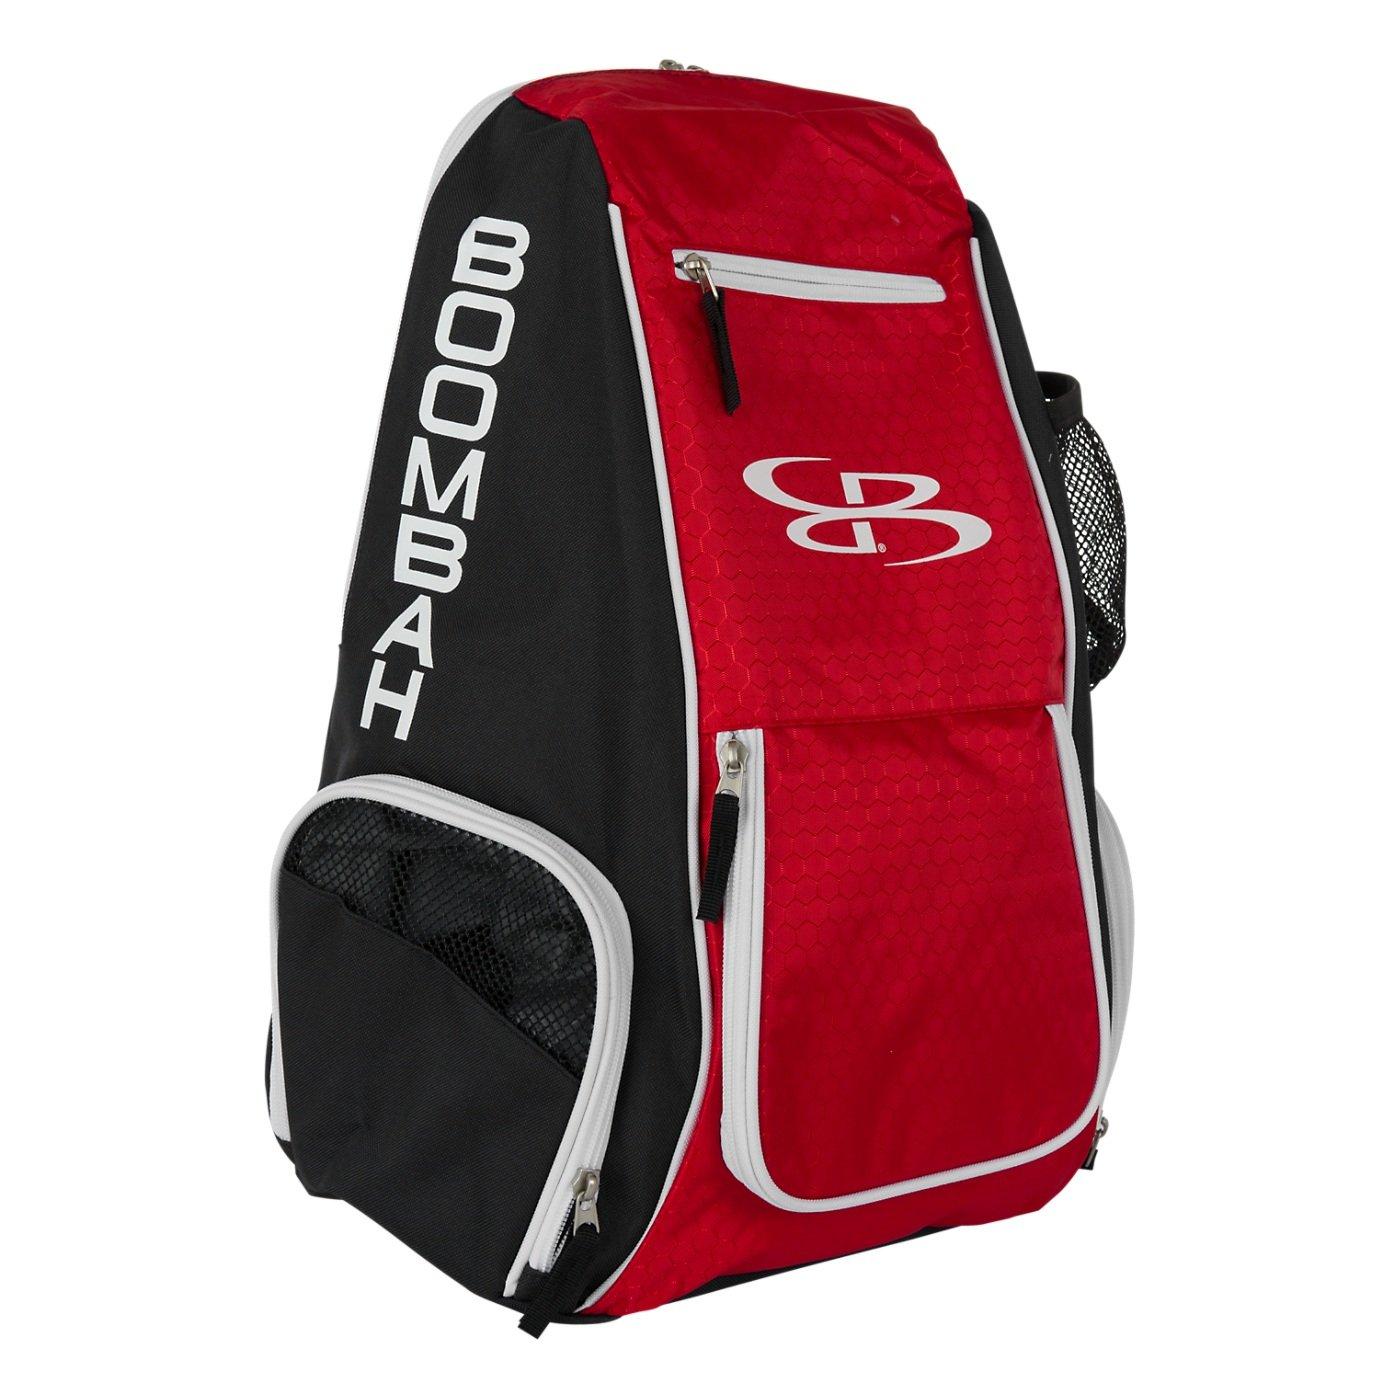 Boombahスパイクバレーボールバックパック – 10カラーオプション – Holdsボール、靴、水ボトルand More B01N6ADFBG ブラック/レッド ブラック/レッド